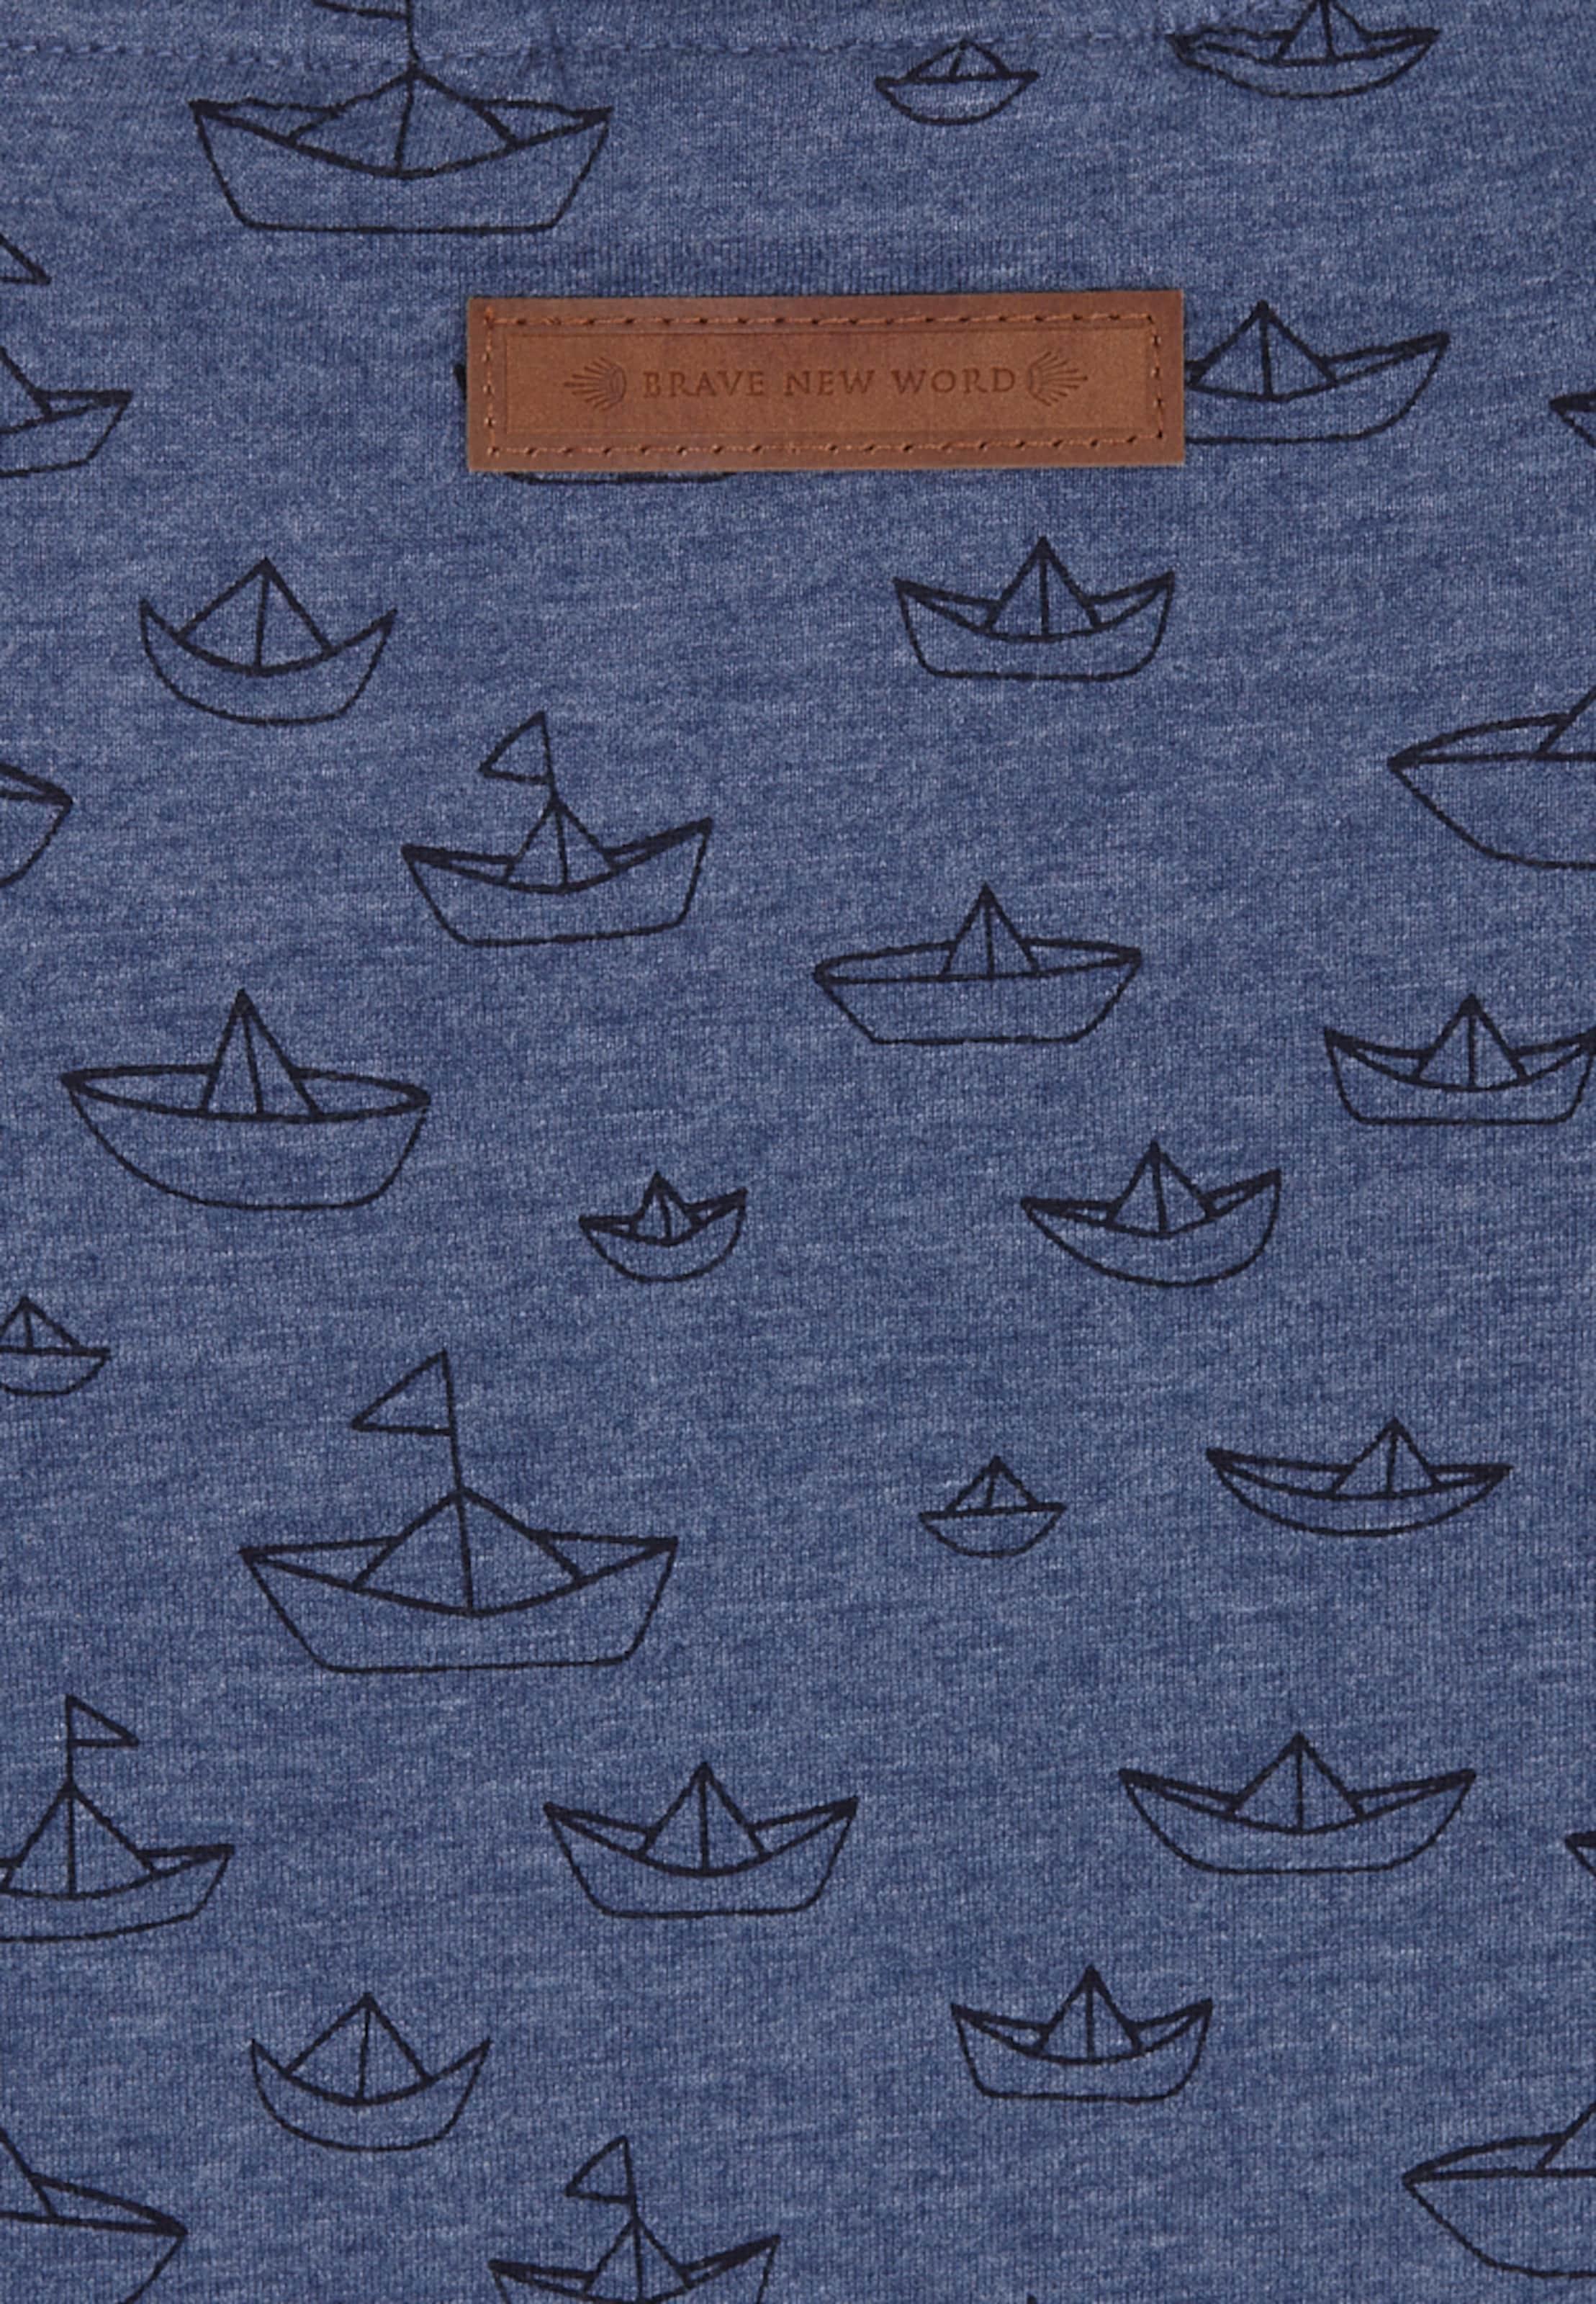 naketano Female Shortsleeve 'G' Neueste Online Limited Edition Online Verkauf Ausgezeichnet Billig Verkauf Mit Mastercard Brandneues Unisex Günstiger Preis bVlaVpUk